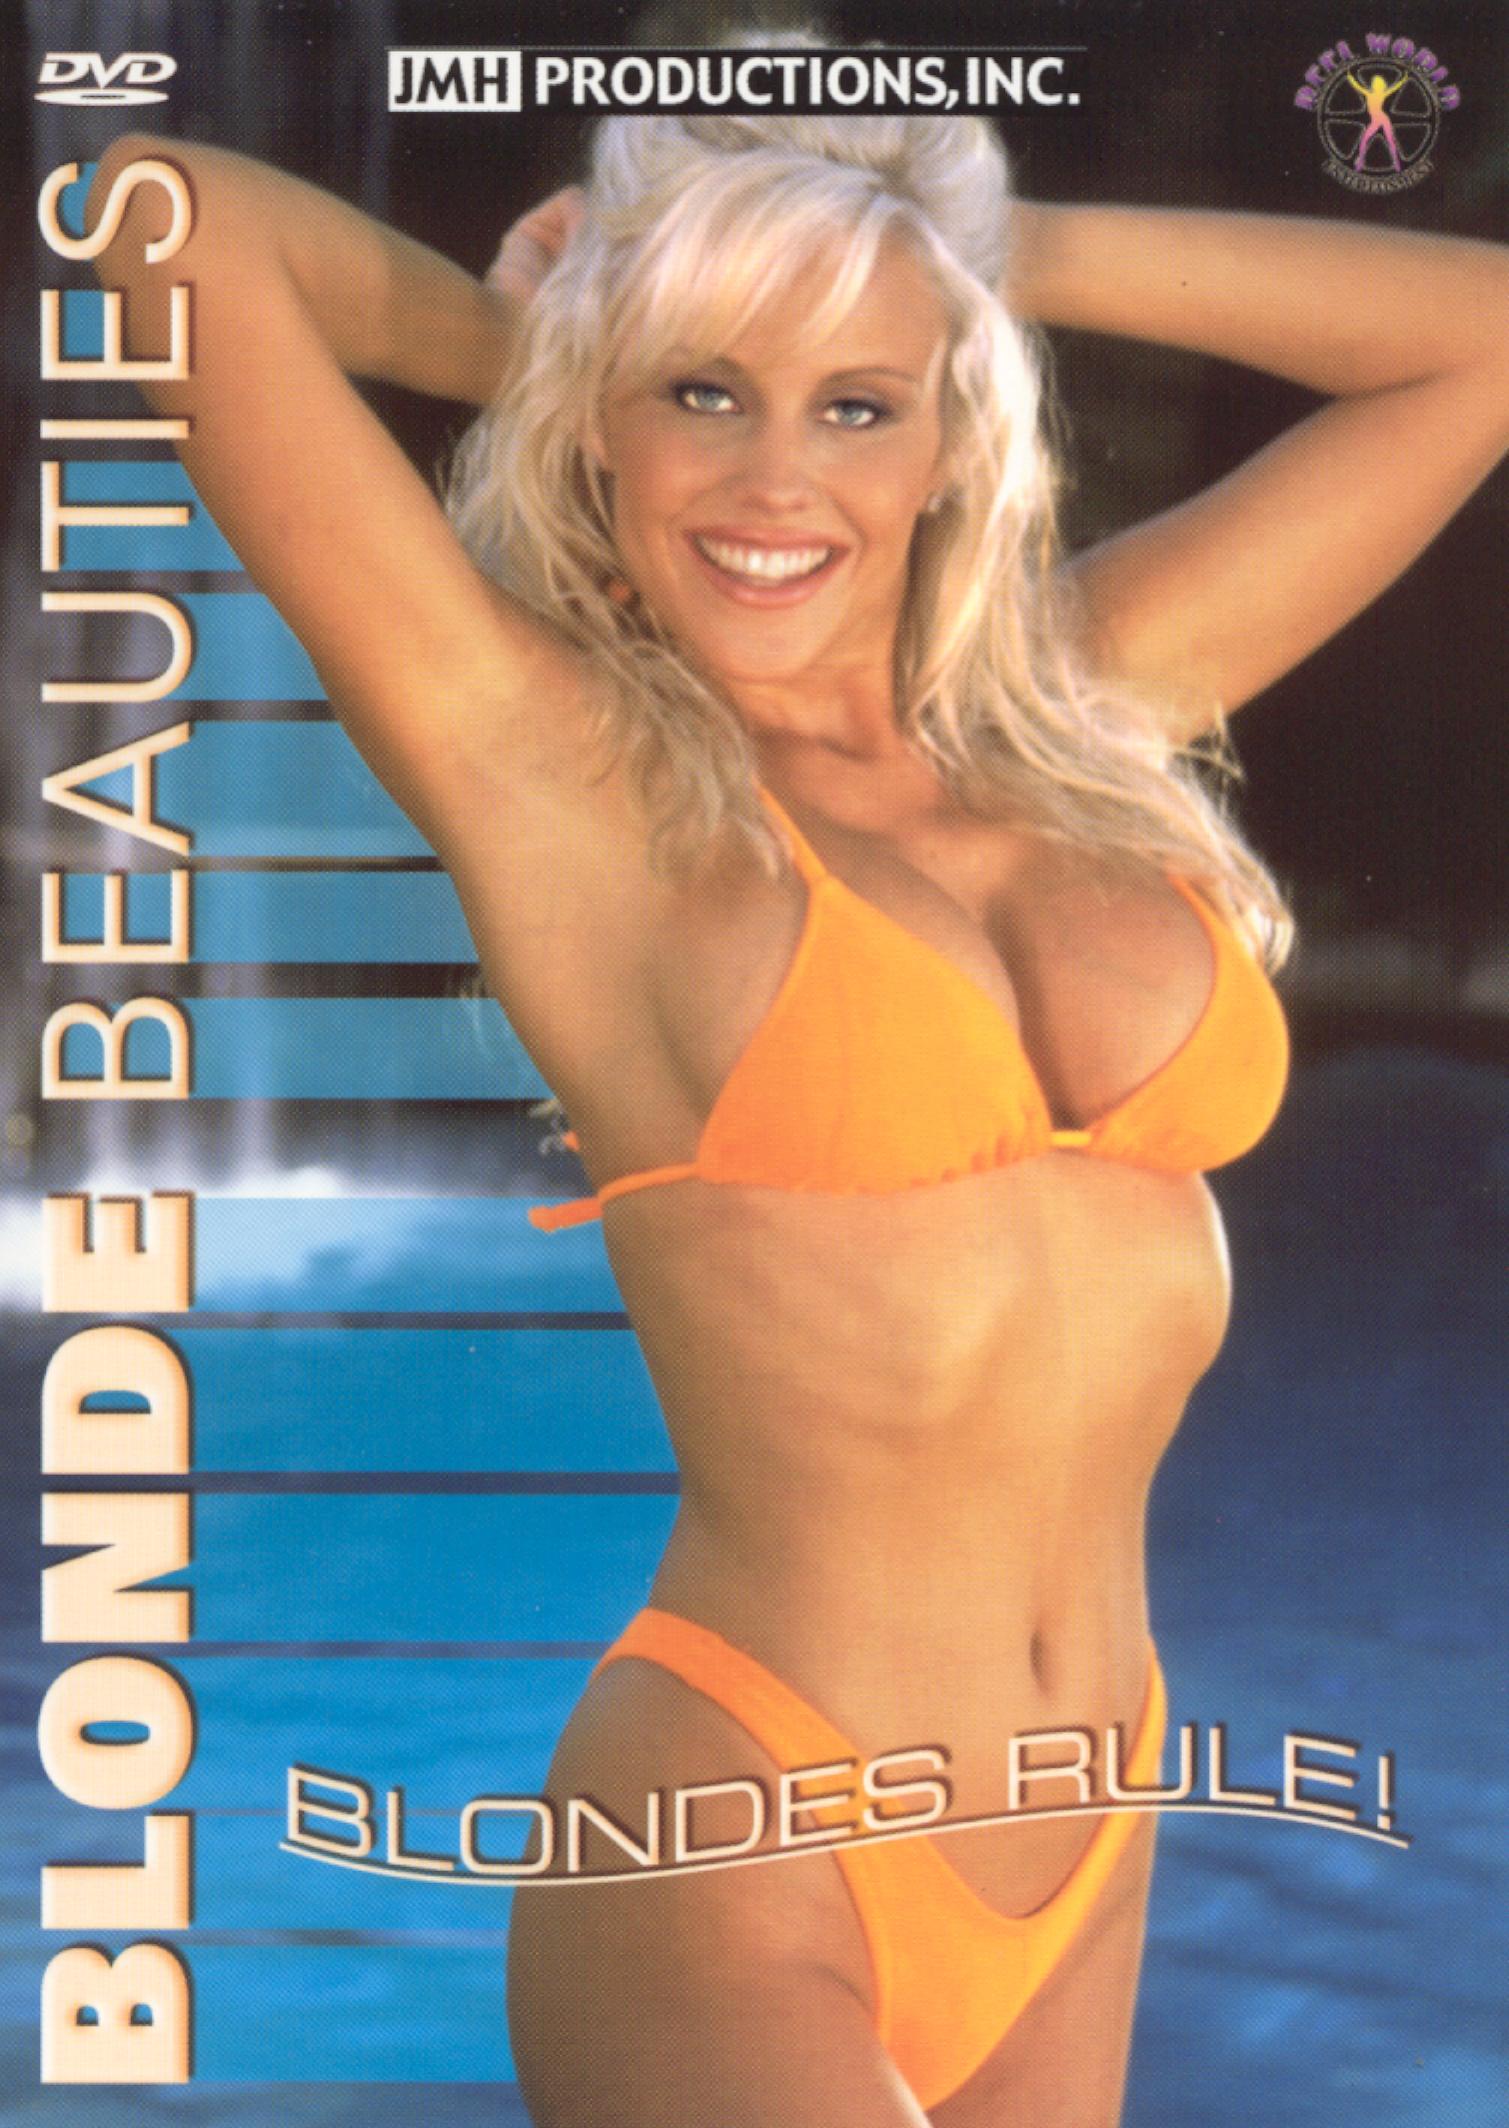 Blonde Beauties, Vol. 1